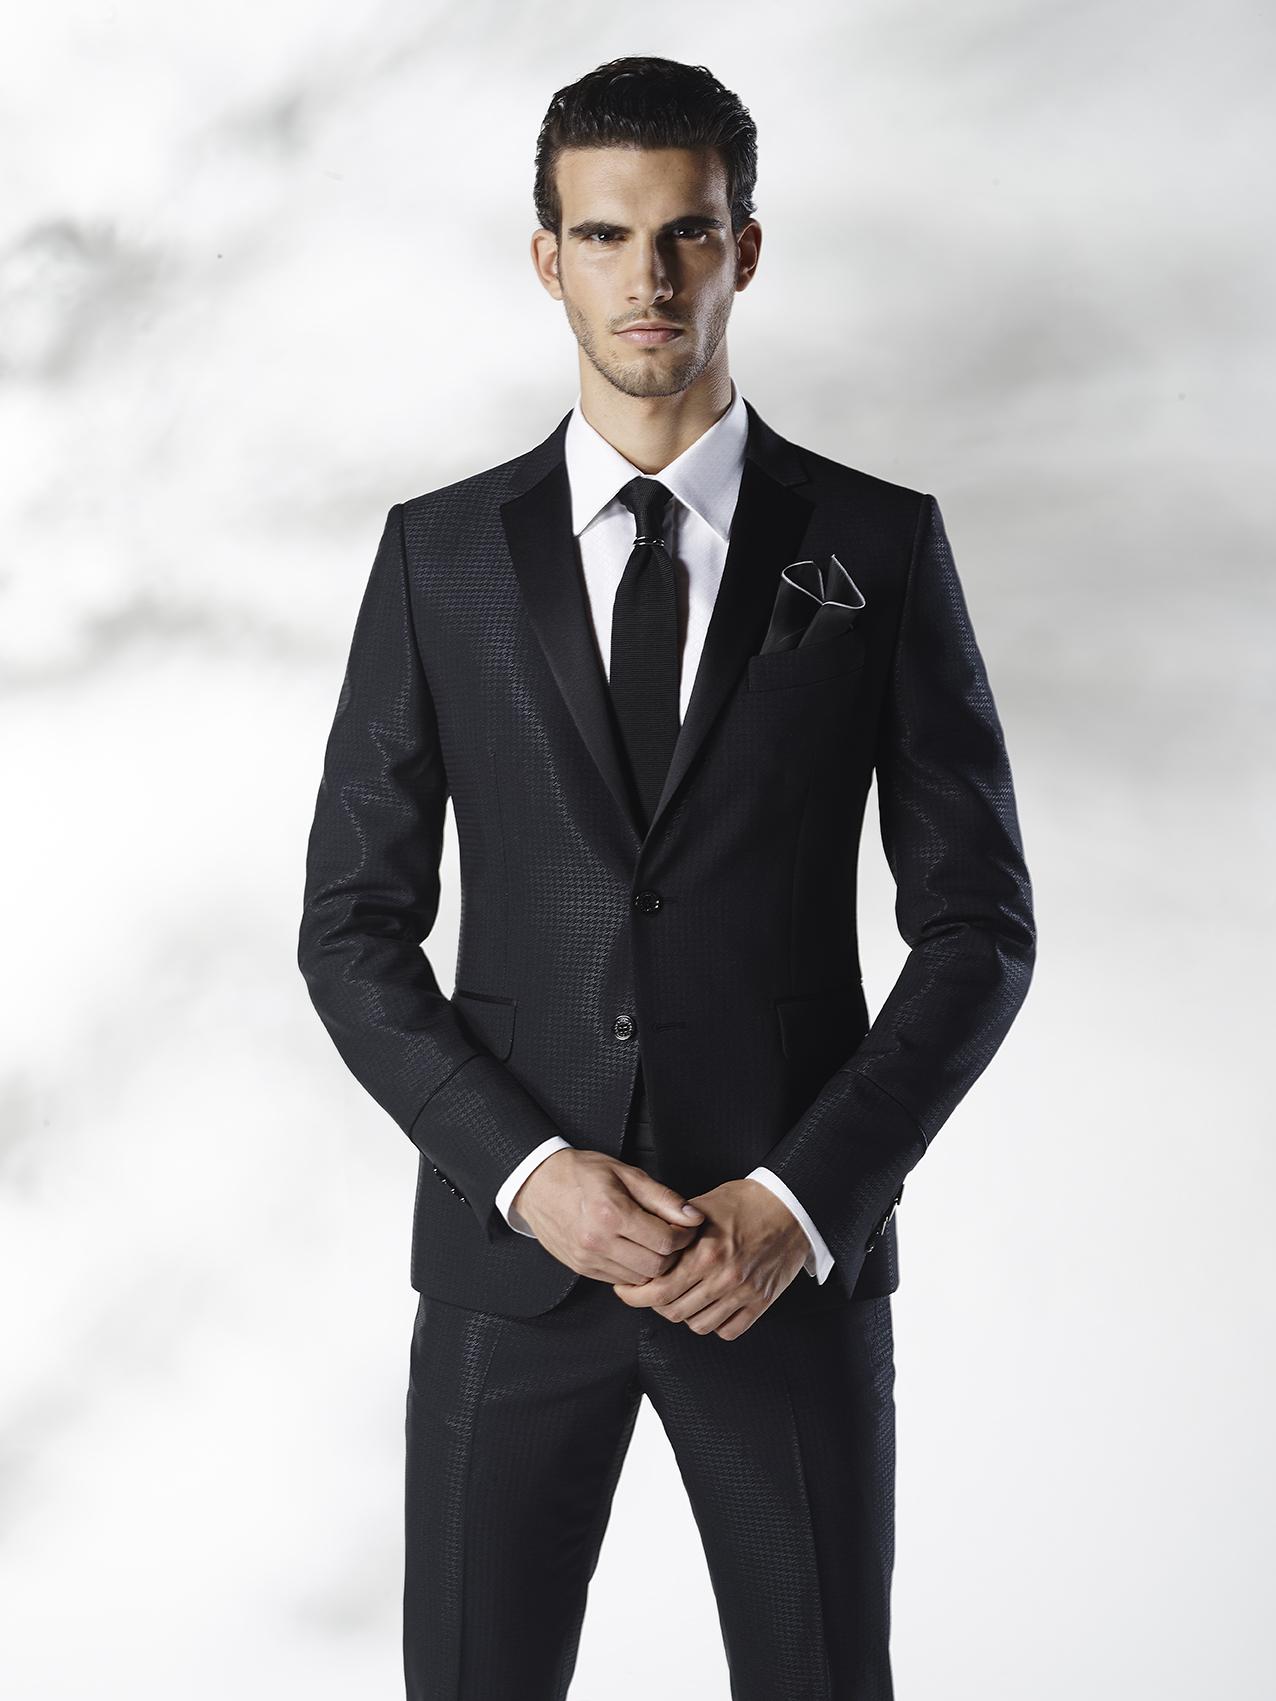 Matrimonio Abito Uomo Invitato : Come vestirsi ad un matrimonio i consigli per l